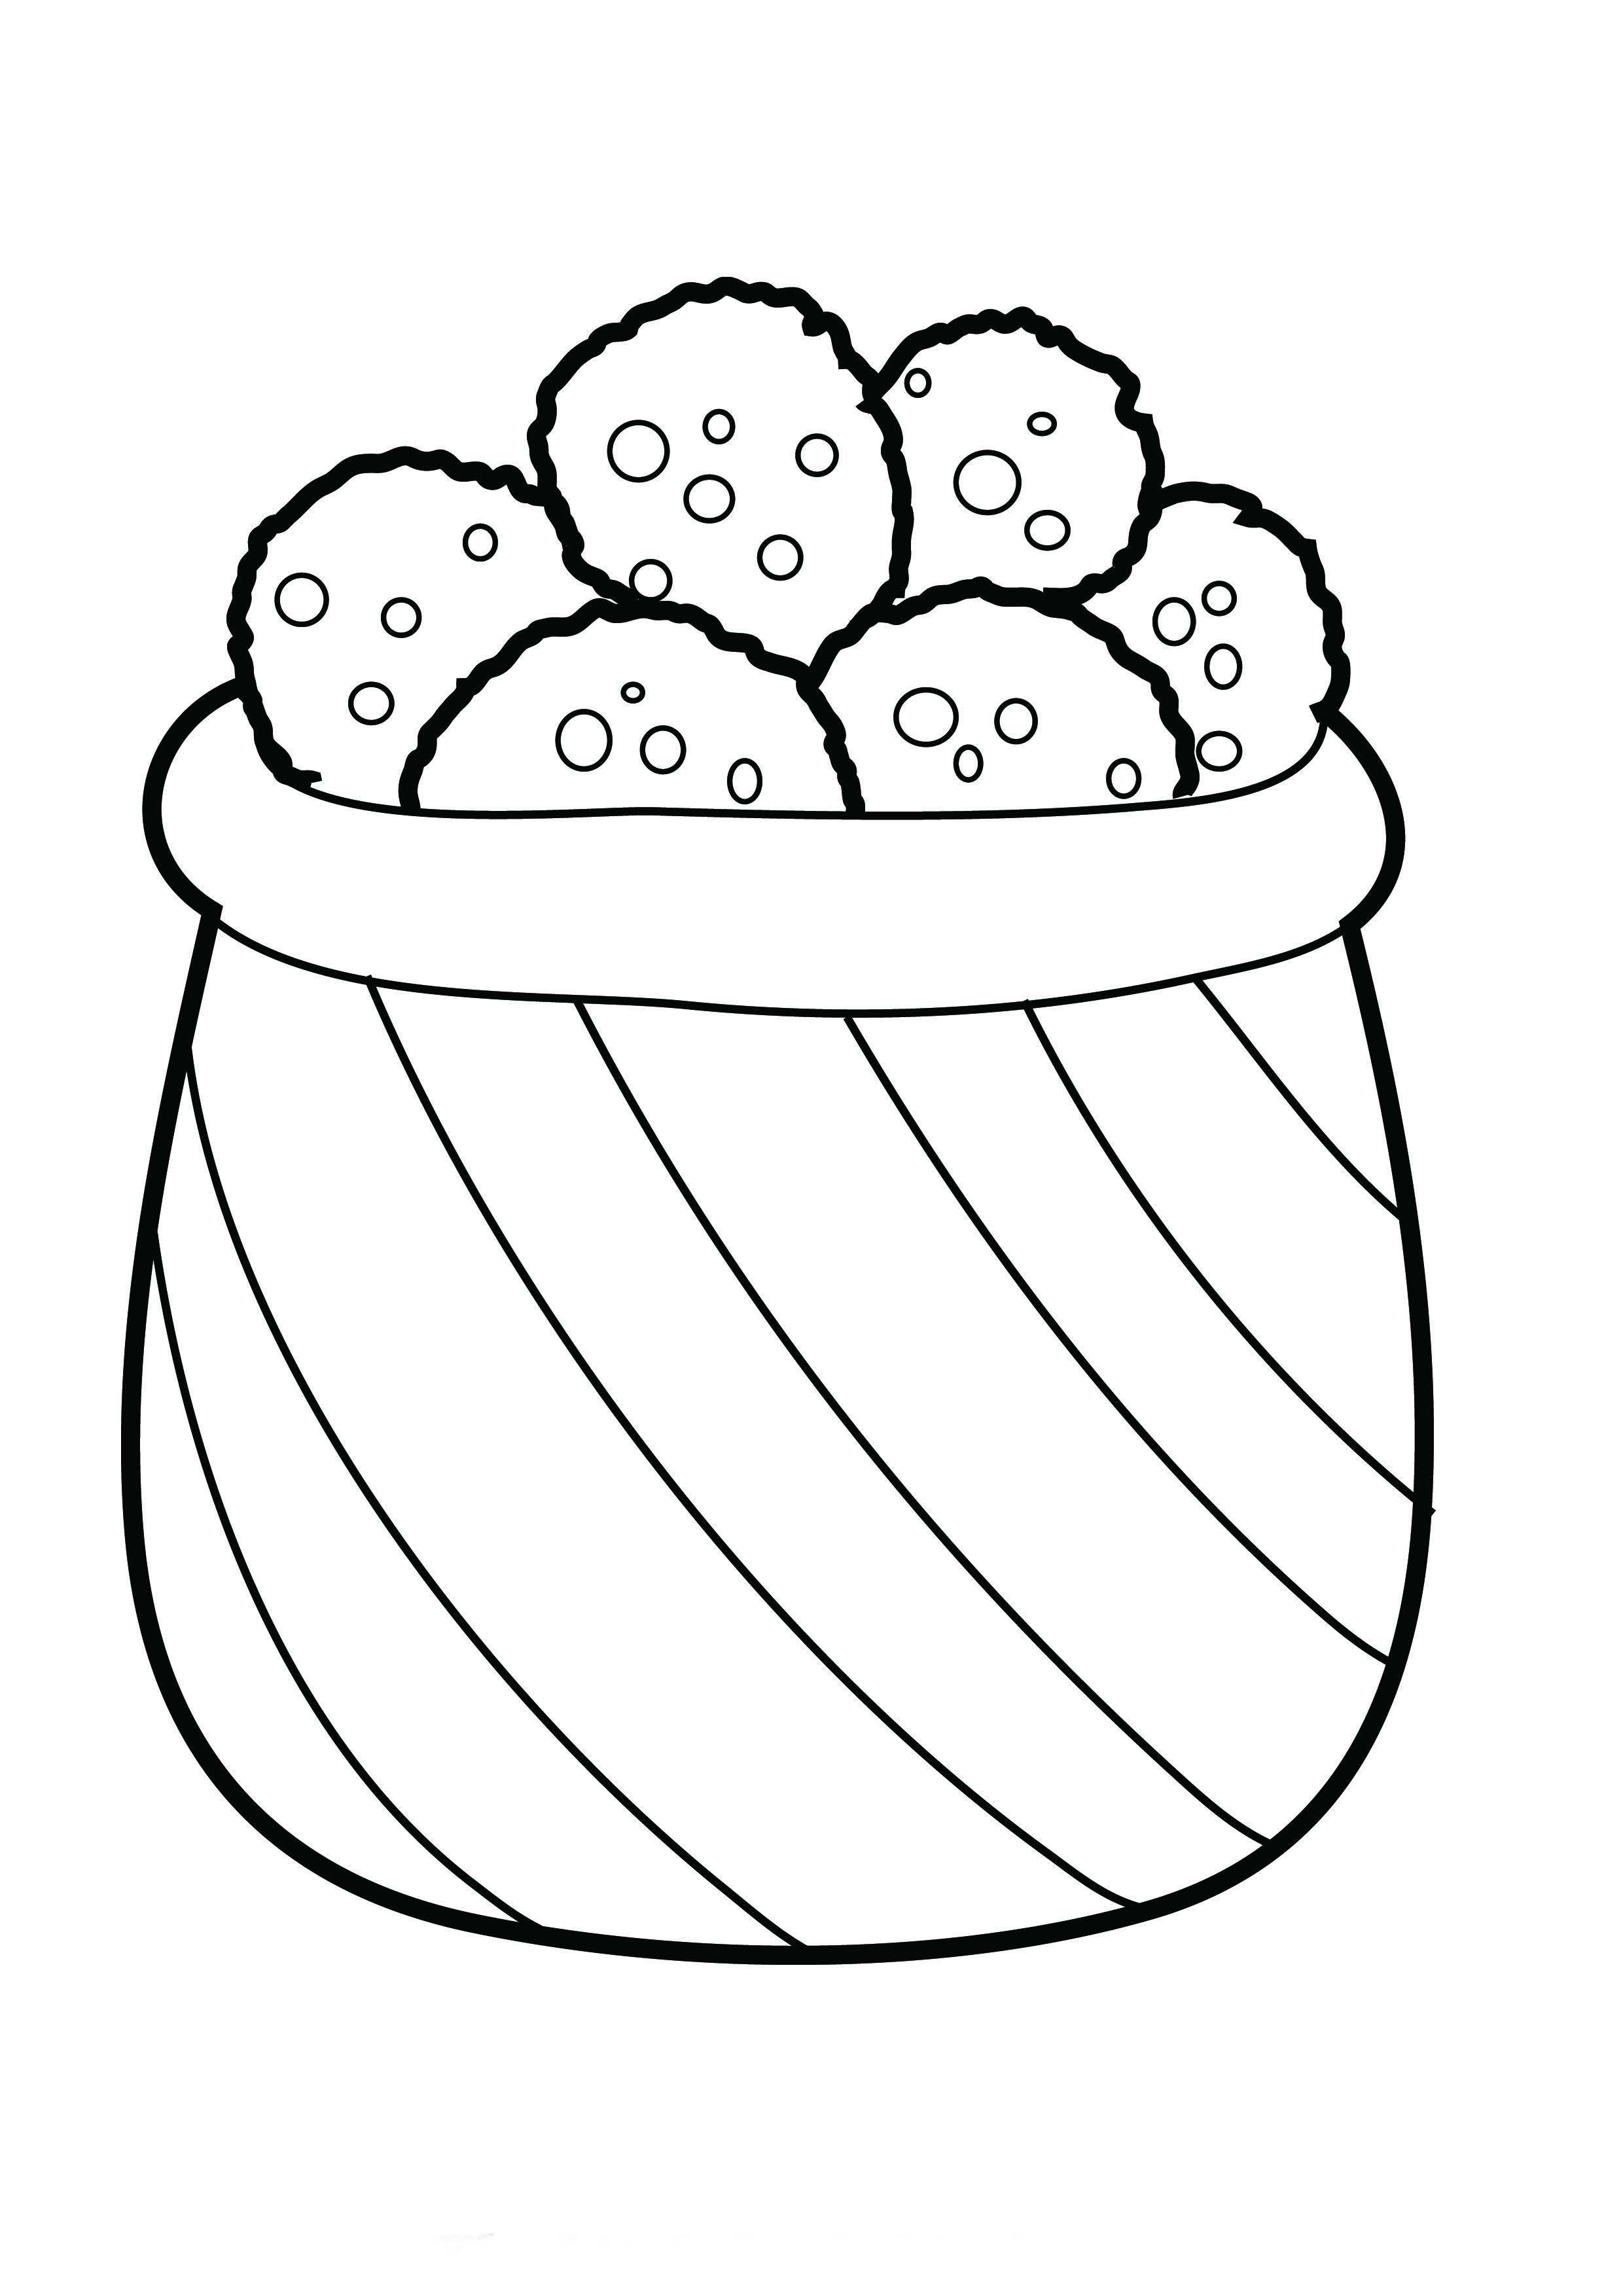 Desenho De Pote Cheio De Biscoitos Para Colorir